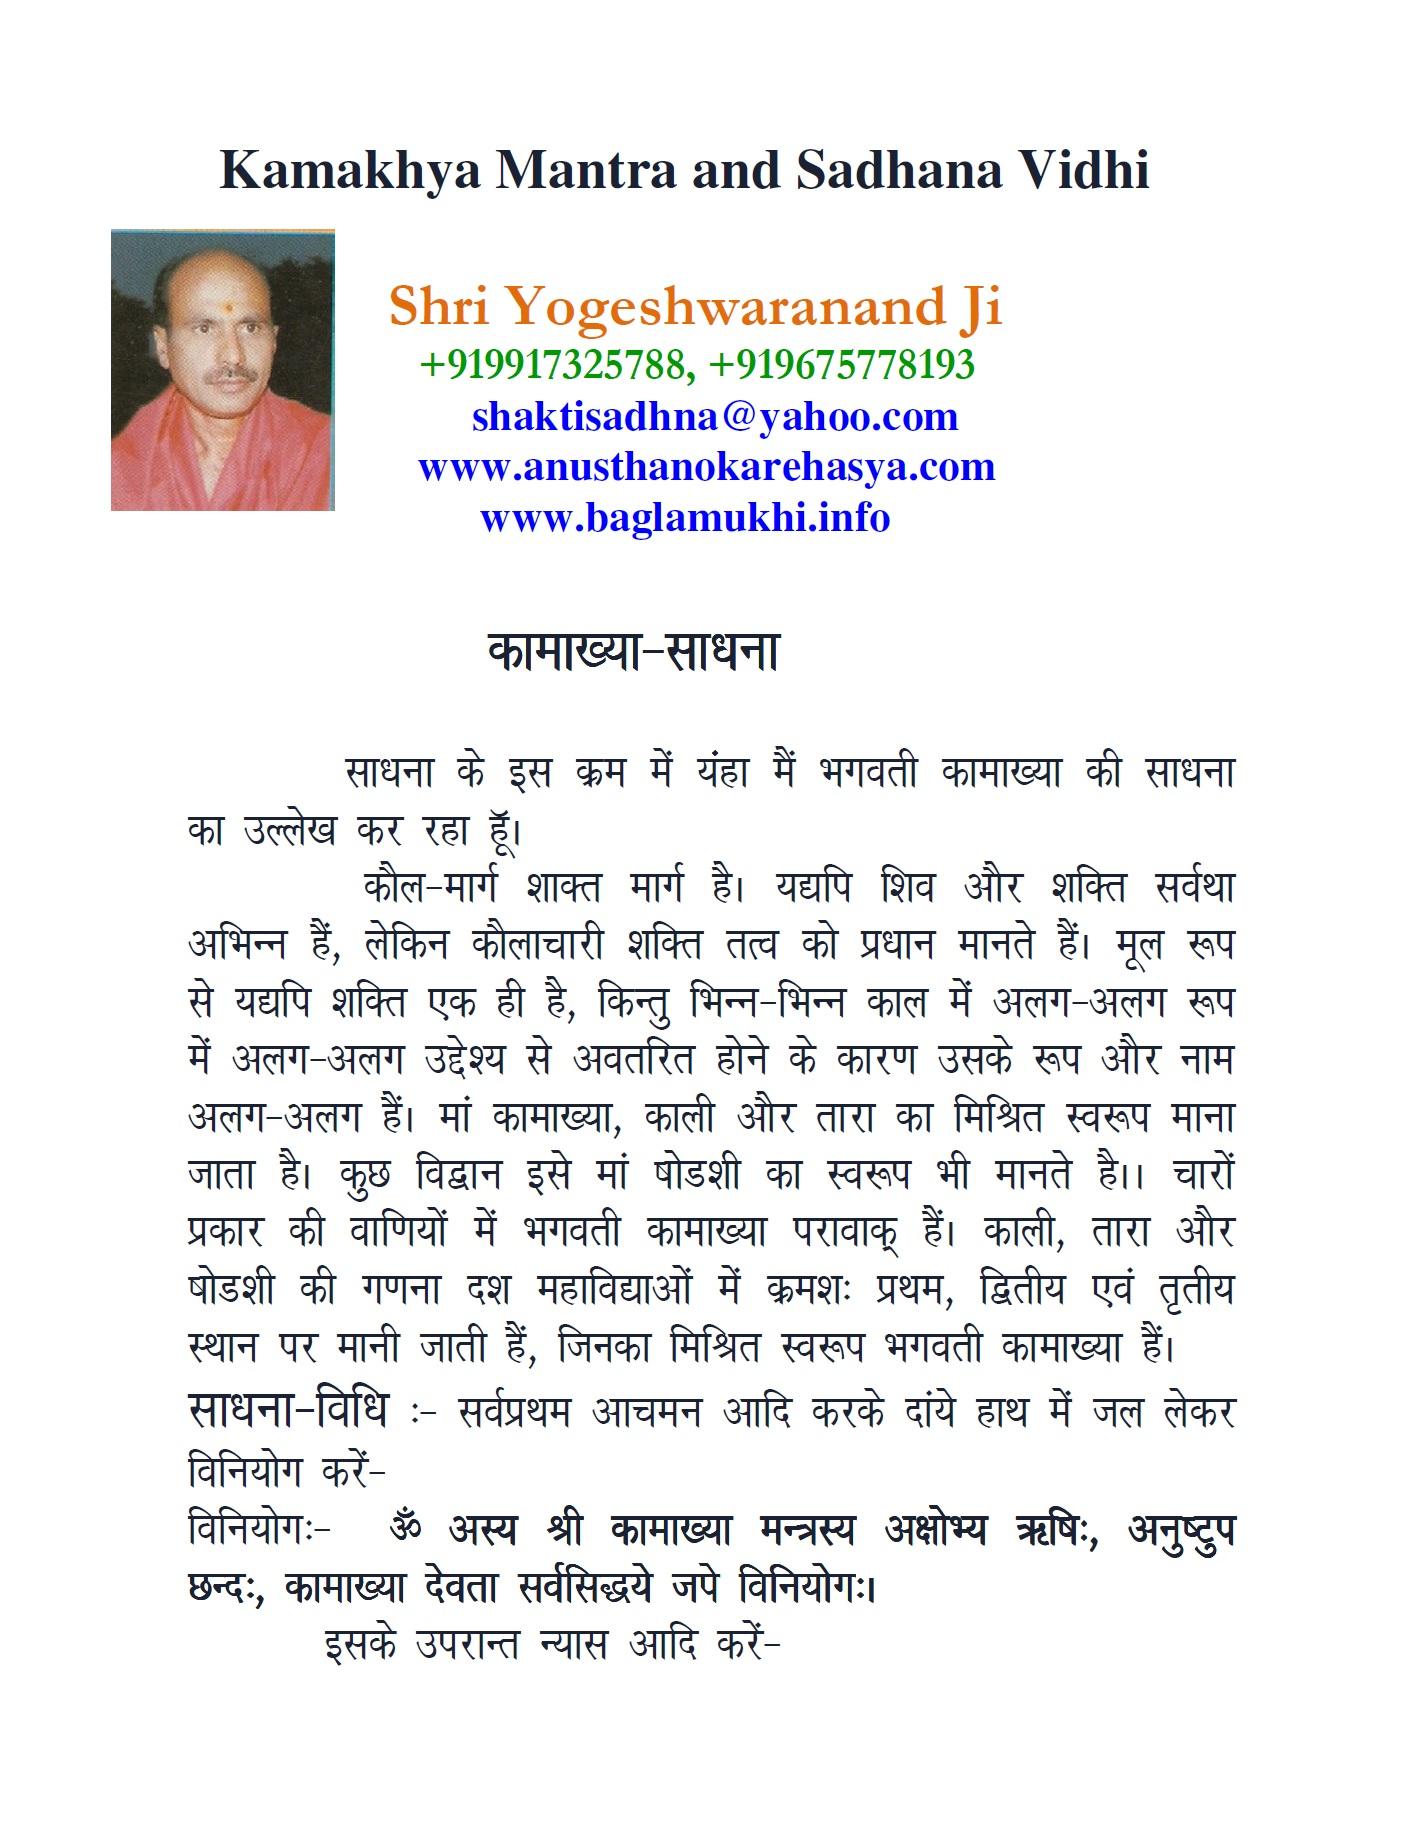 Kamakhya Mantra Evam Sadhana Vidhi - Secret of Mantra Tantra Sadhana